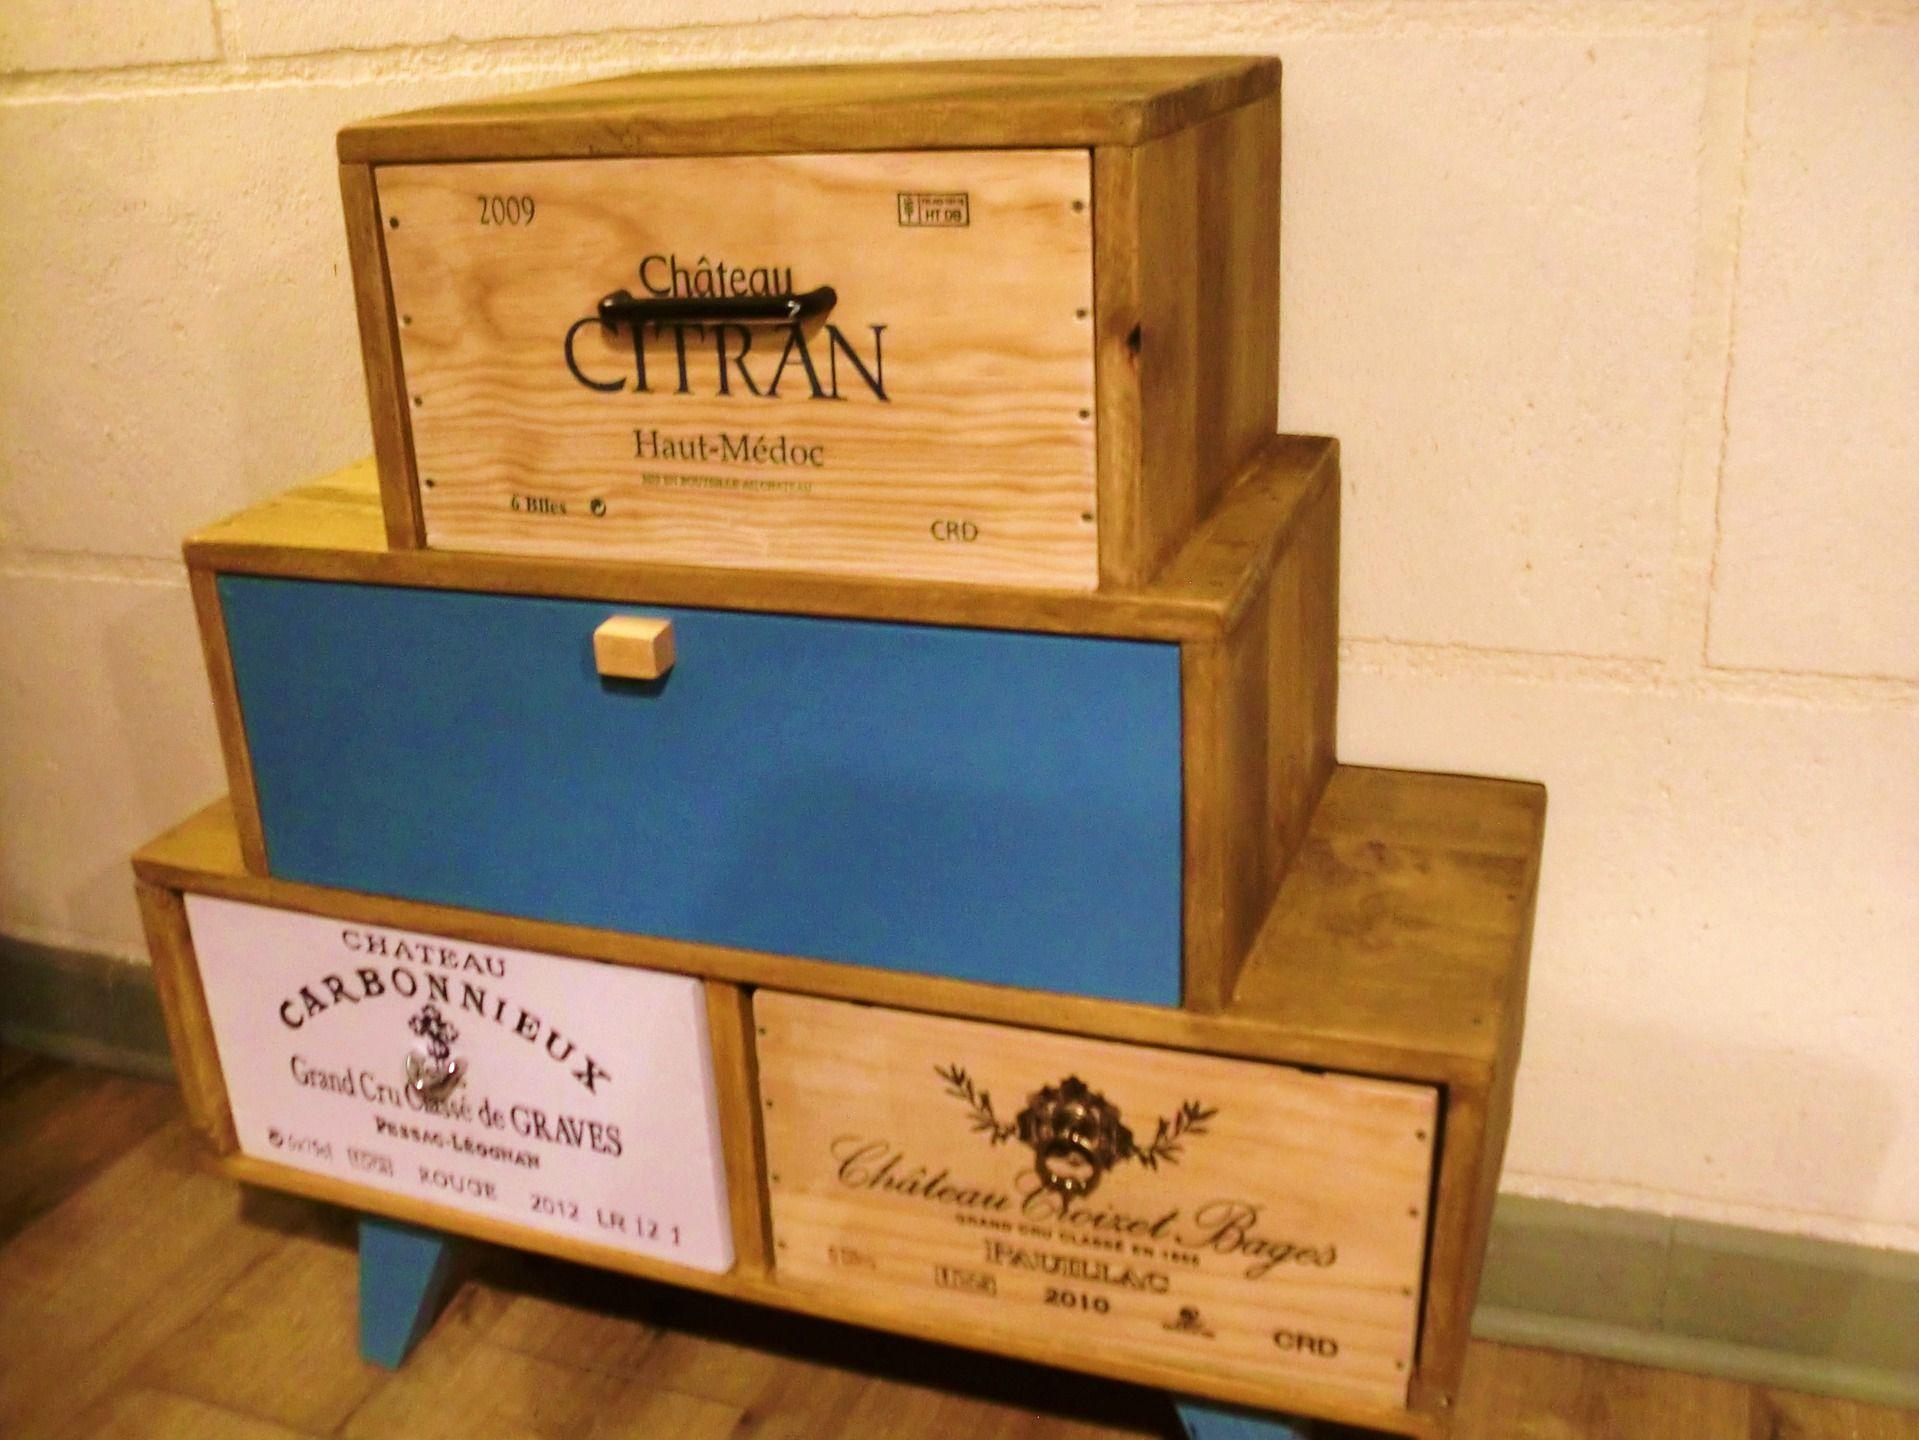 beau Résultats de recherche du0027images pour « meuble avec caisse en bois »